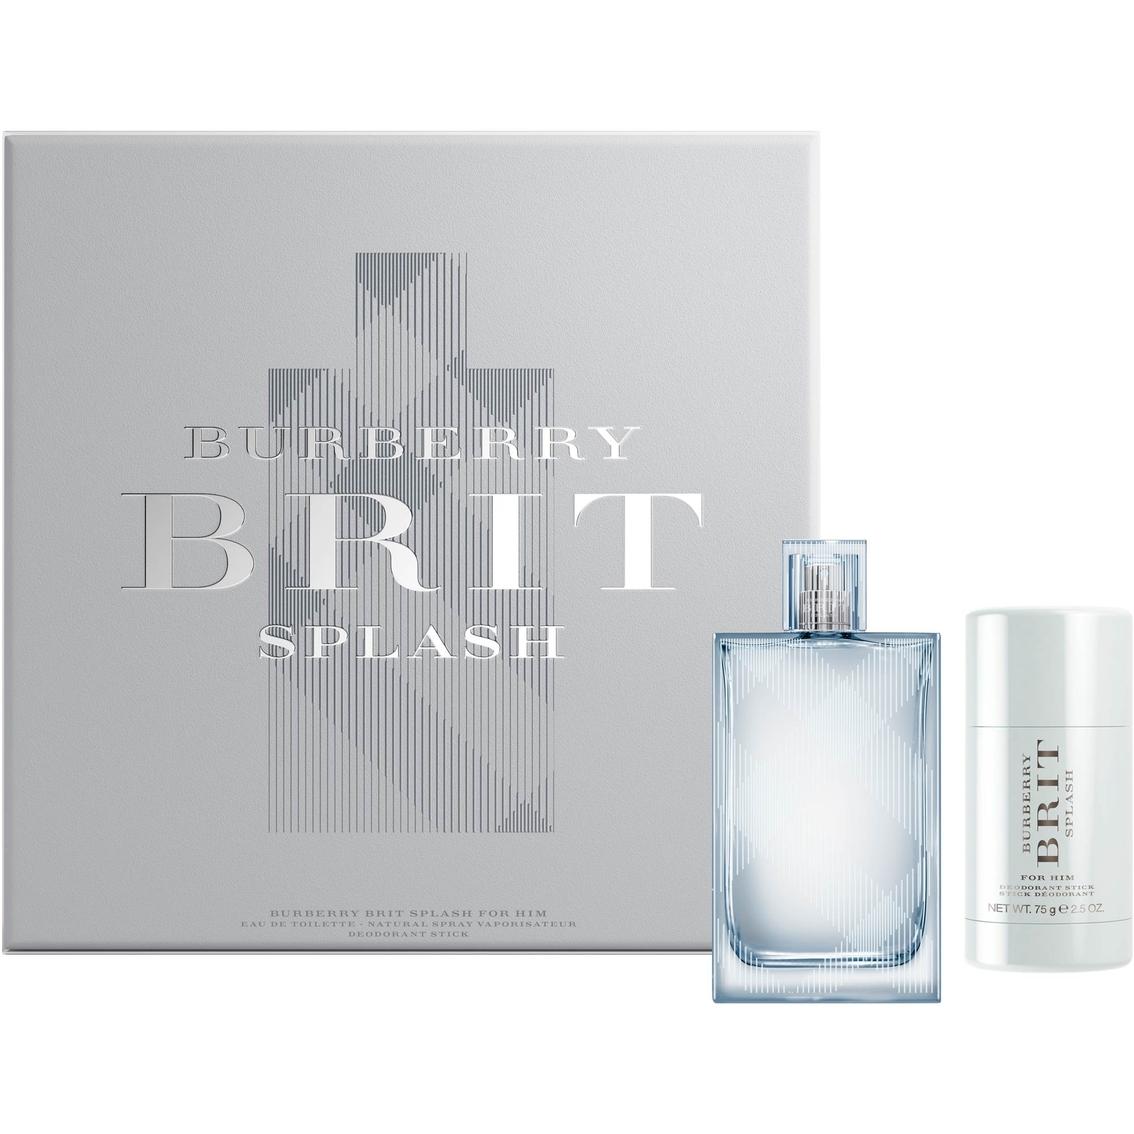 Burberry Brit Splash For Men 2 Pc Gift Set Gifts Sets Him Weekend